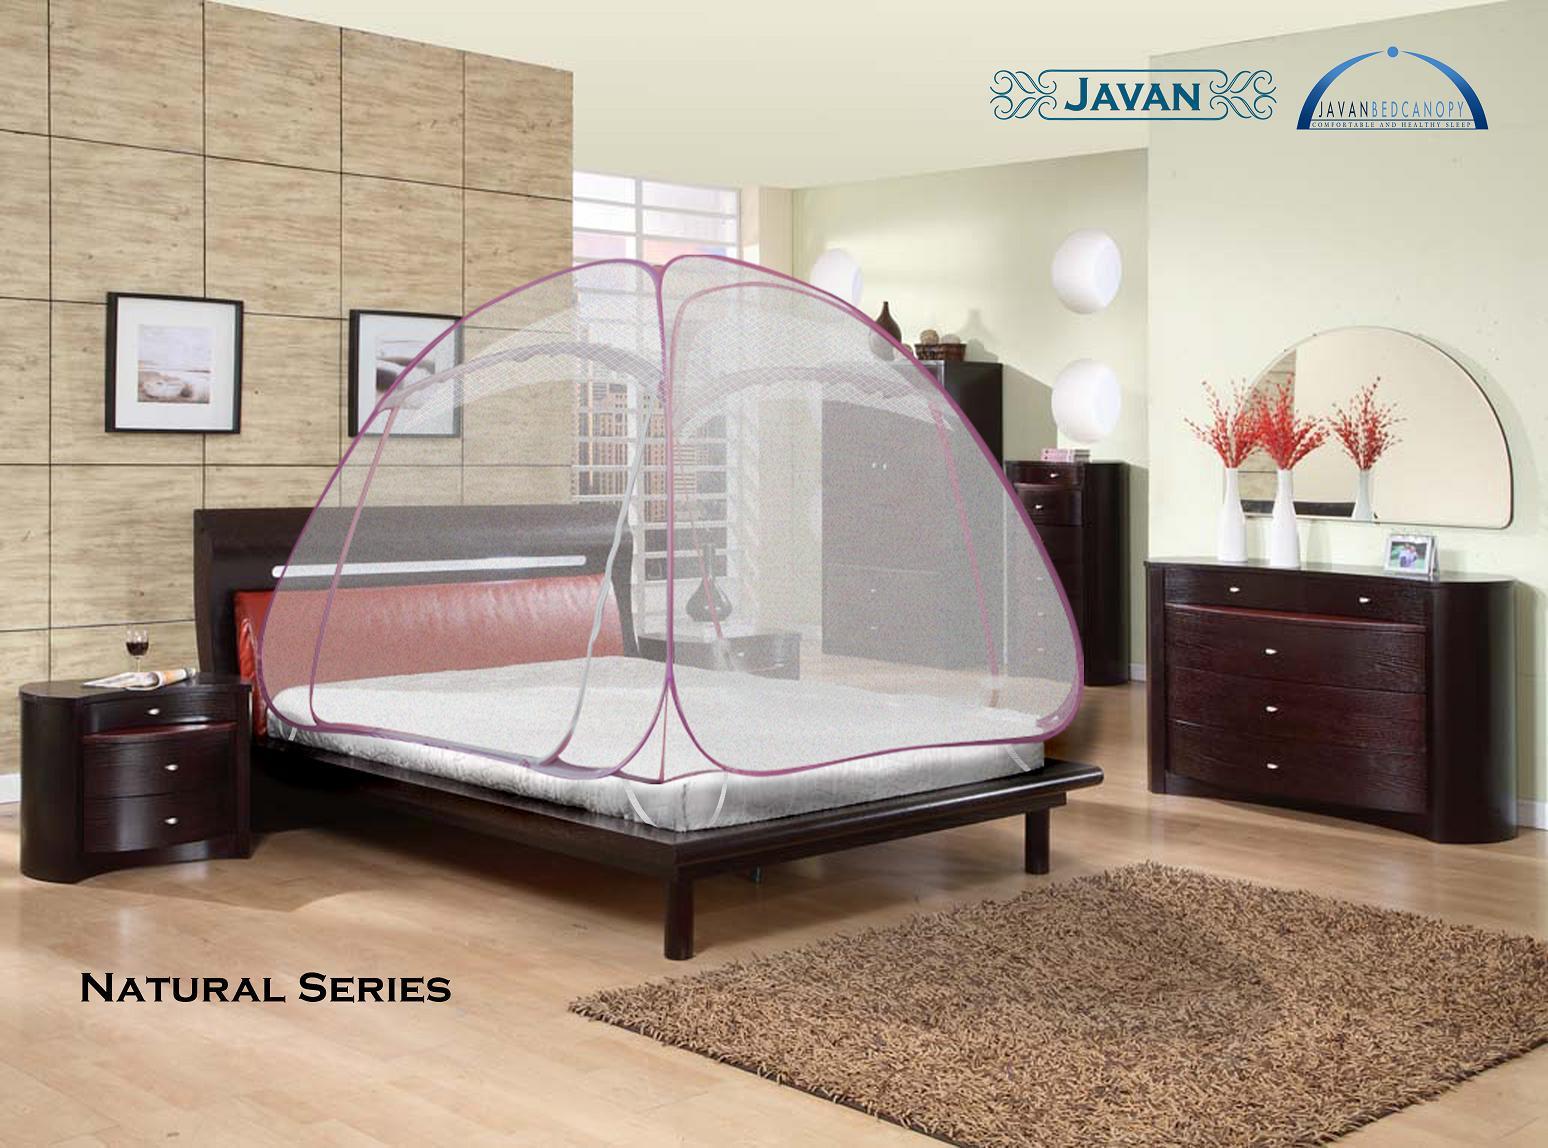 - TOKONEES: Javan Bed Canopy Disc Up To 50% Dan Free Ongkir Jabodetabek